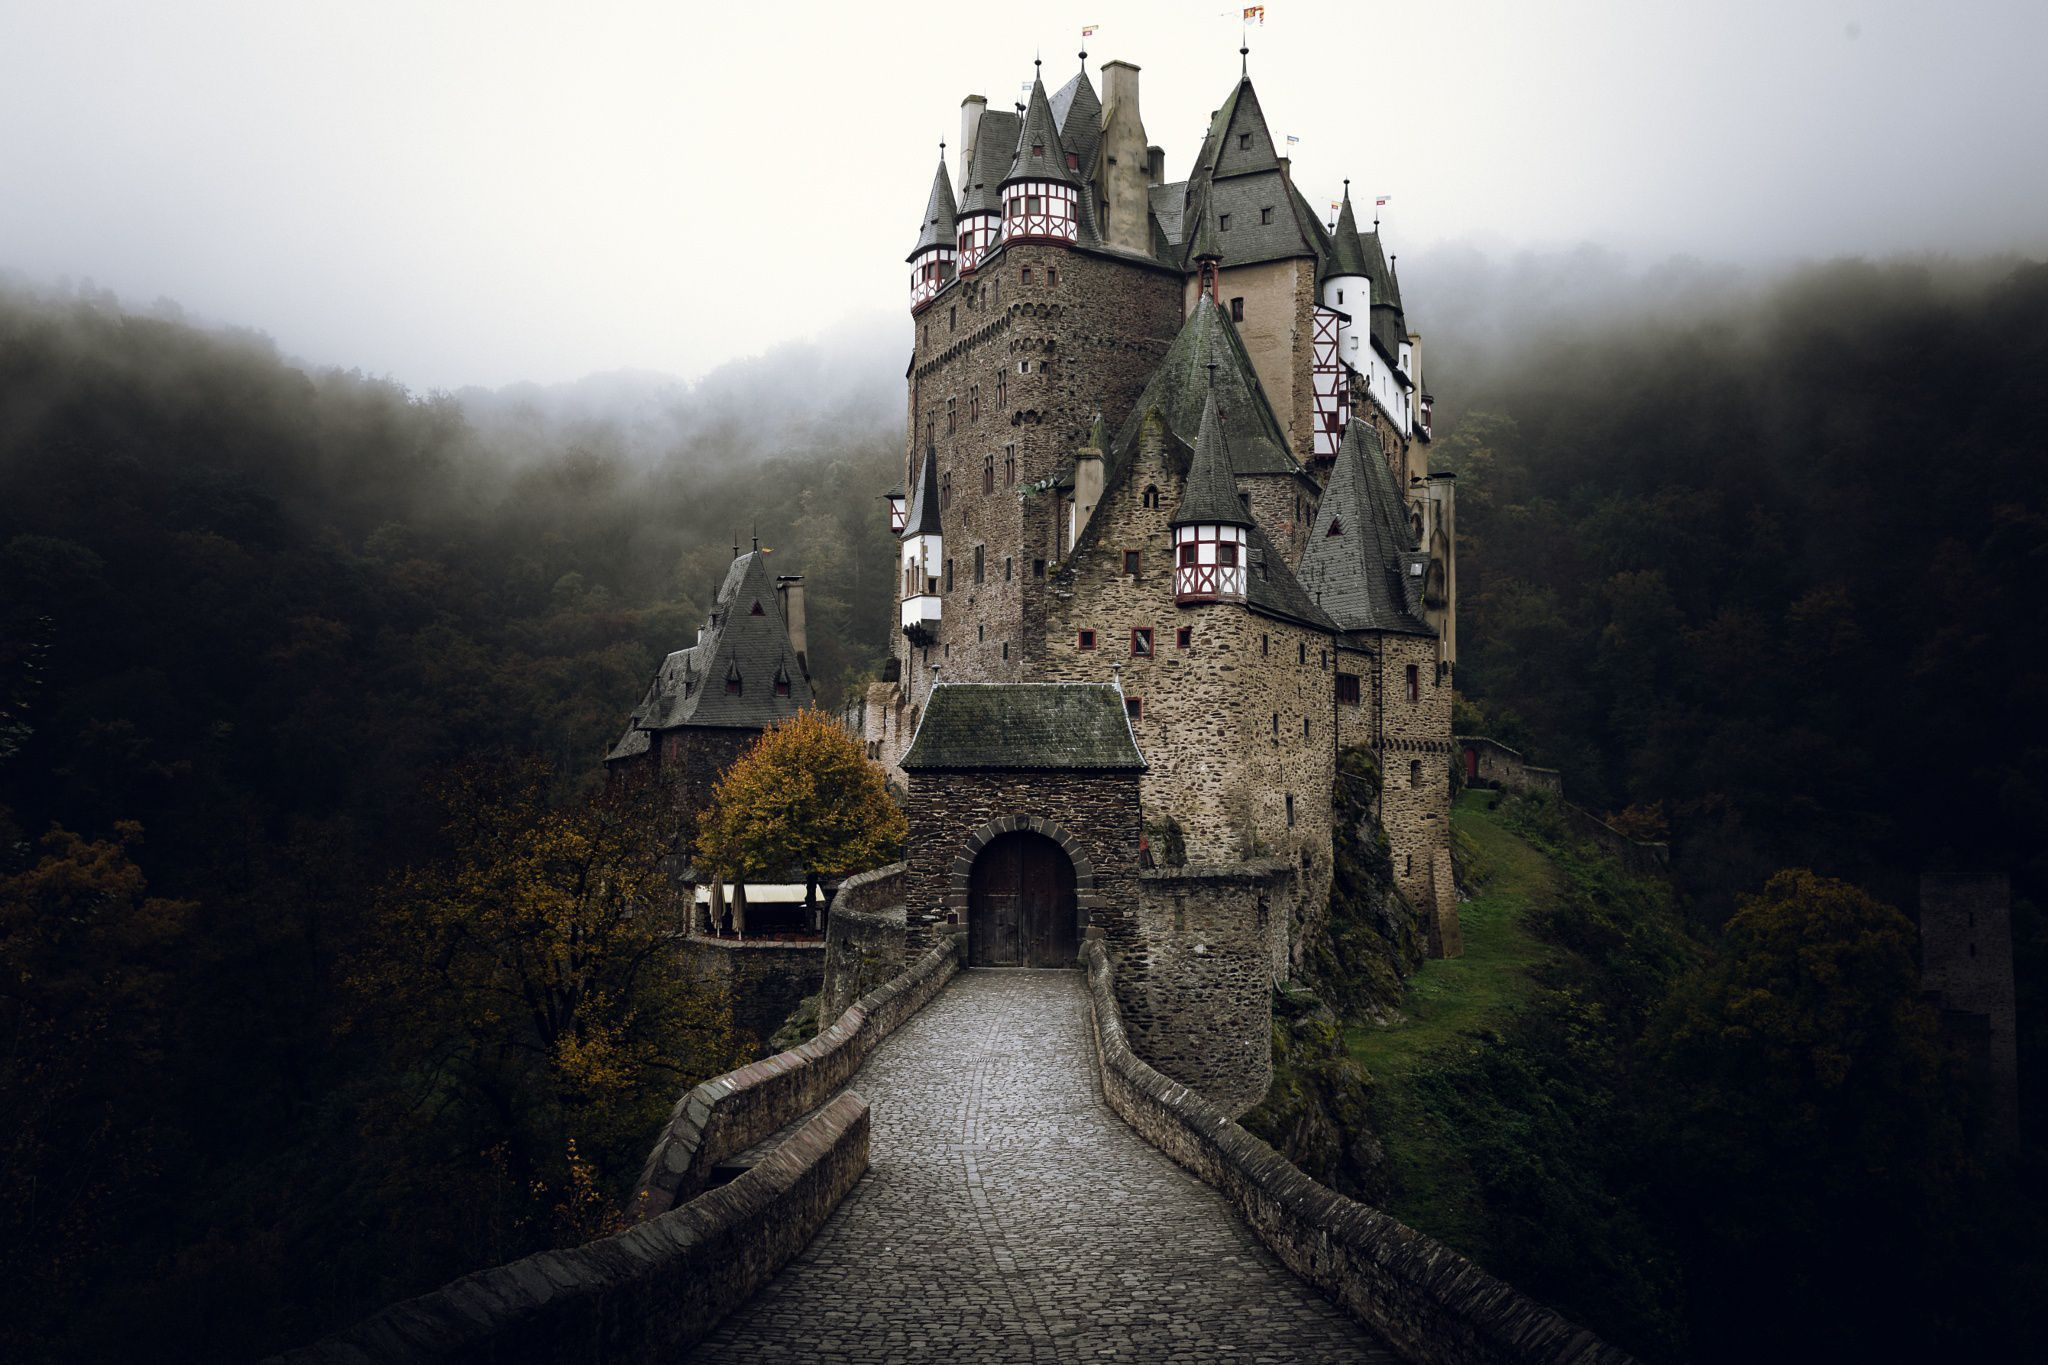 Eltz Castle Wallpapers Backgrounds 2048x1365